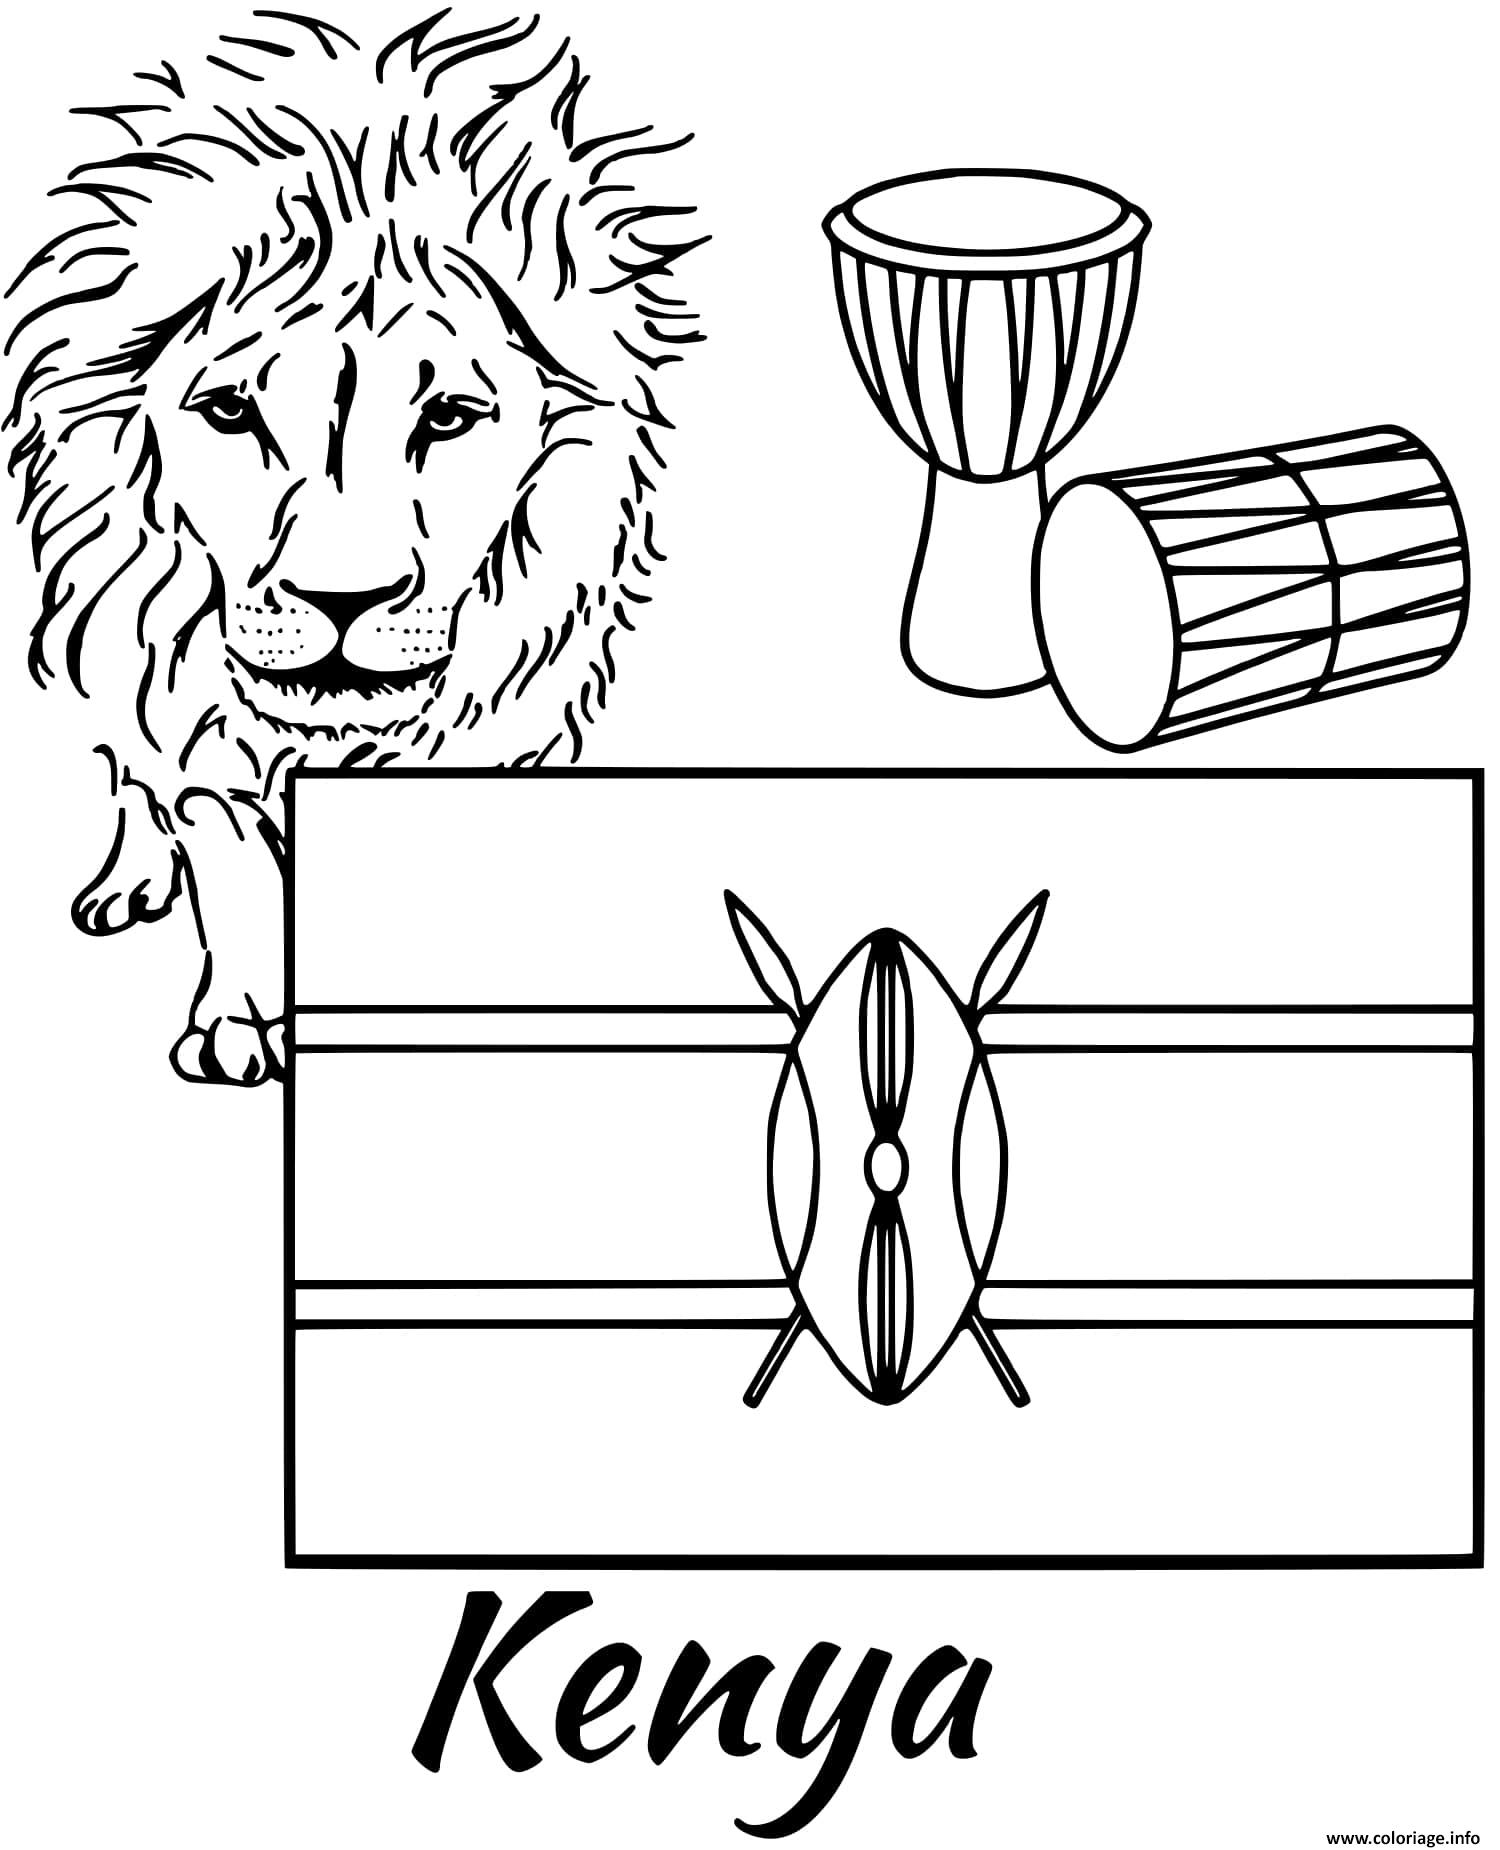 Dessin kenya drapeau lion Coloriage Gratuit à Imprimer